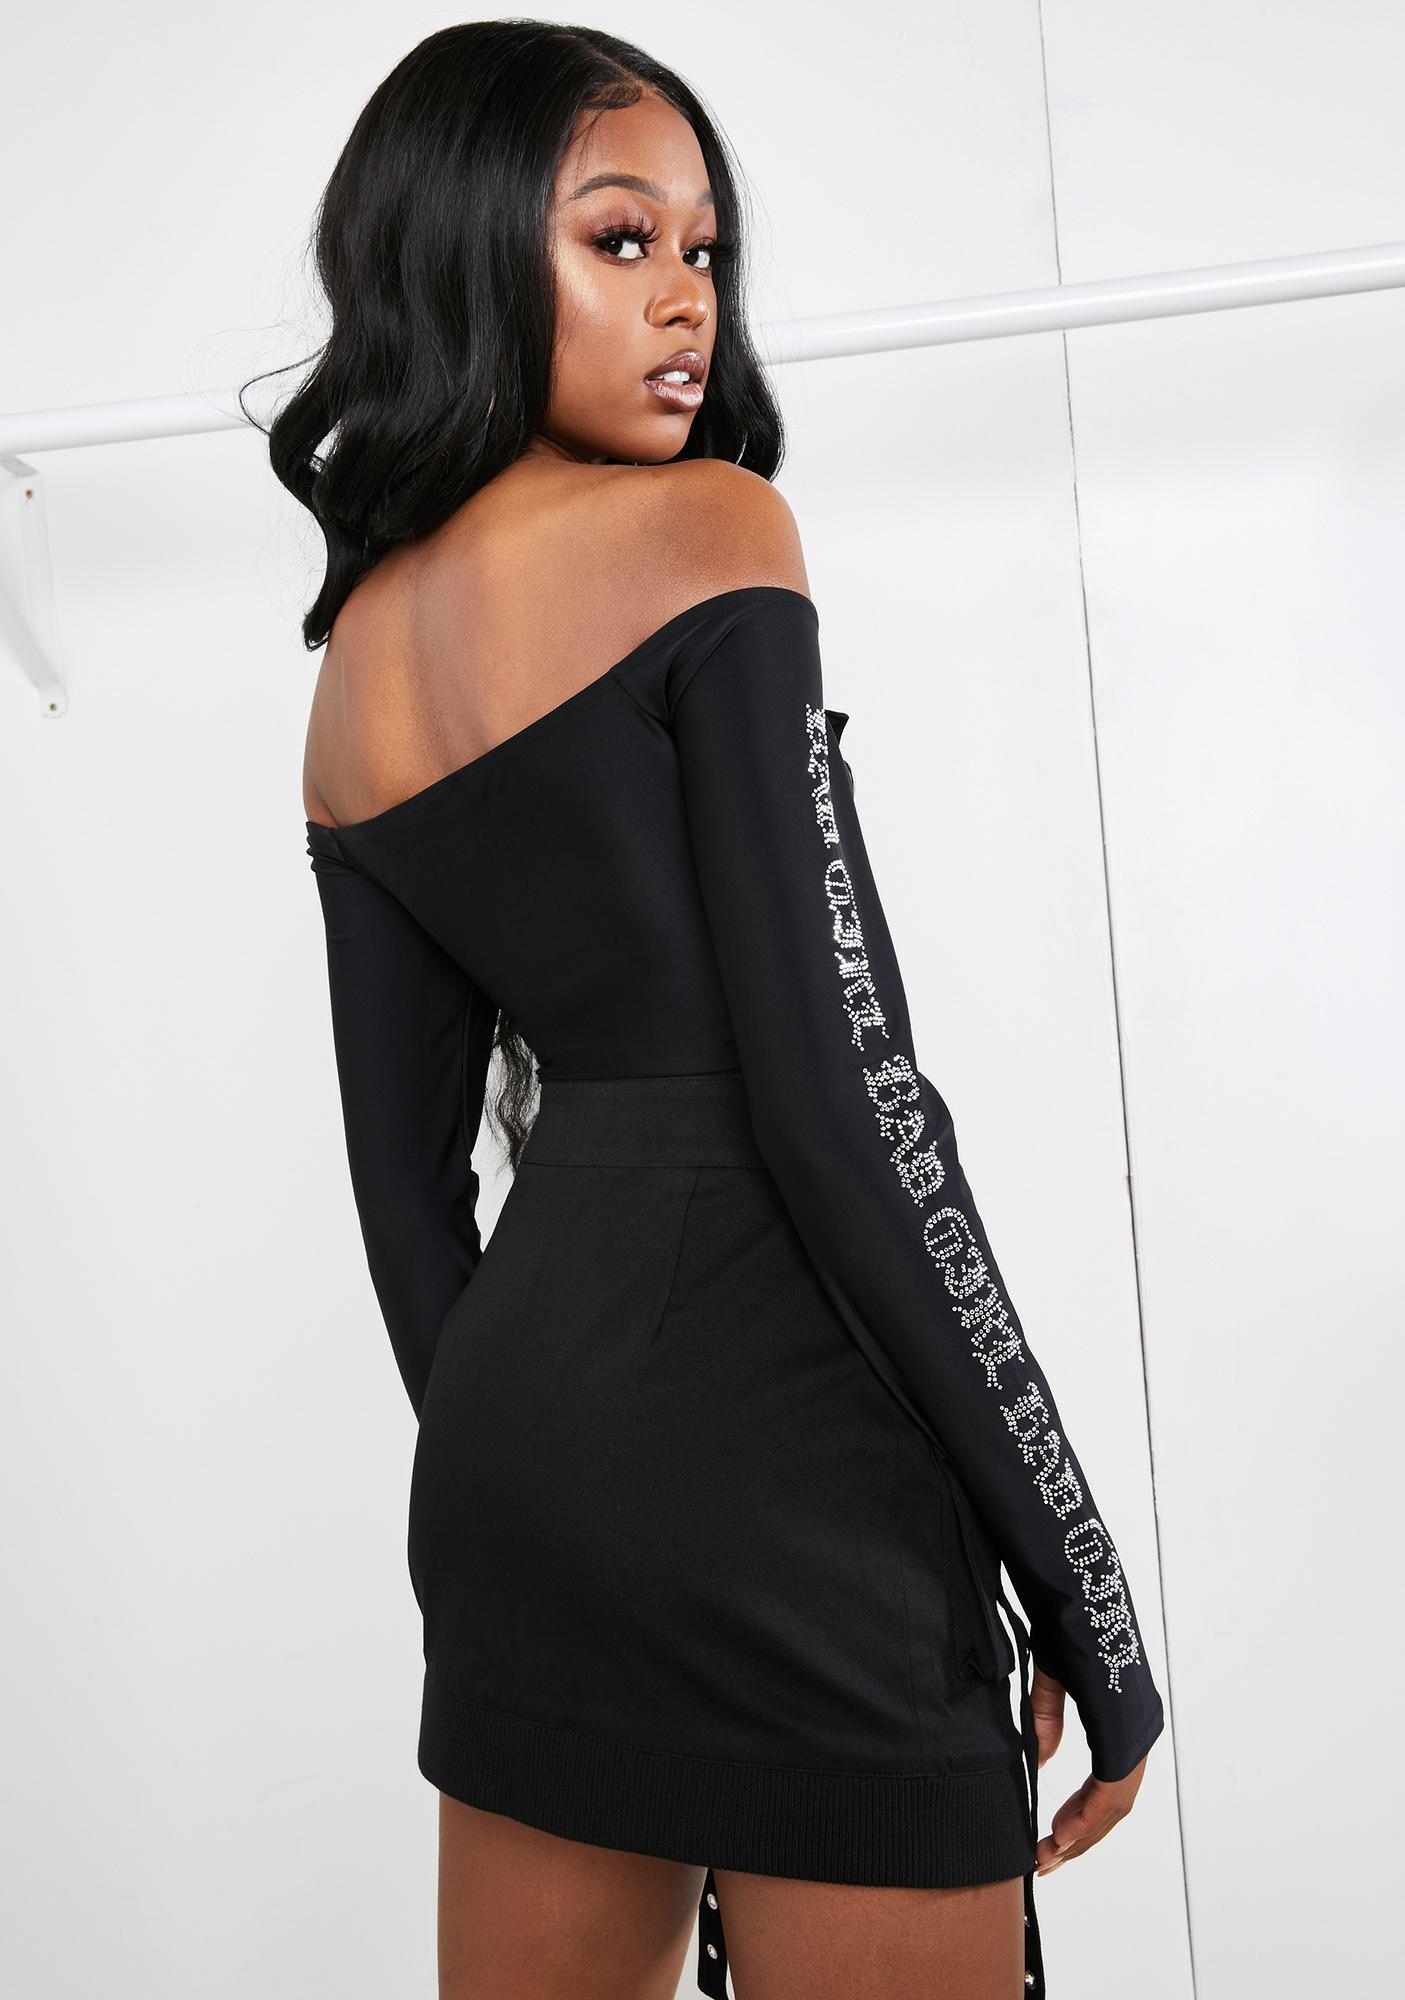 Poster Grl Diva Download Off The Shoulder Bodysuit